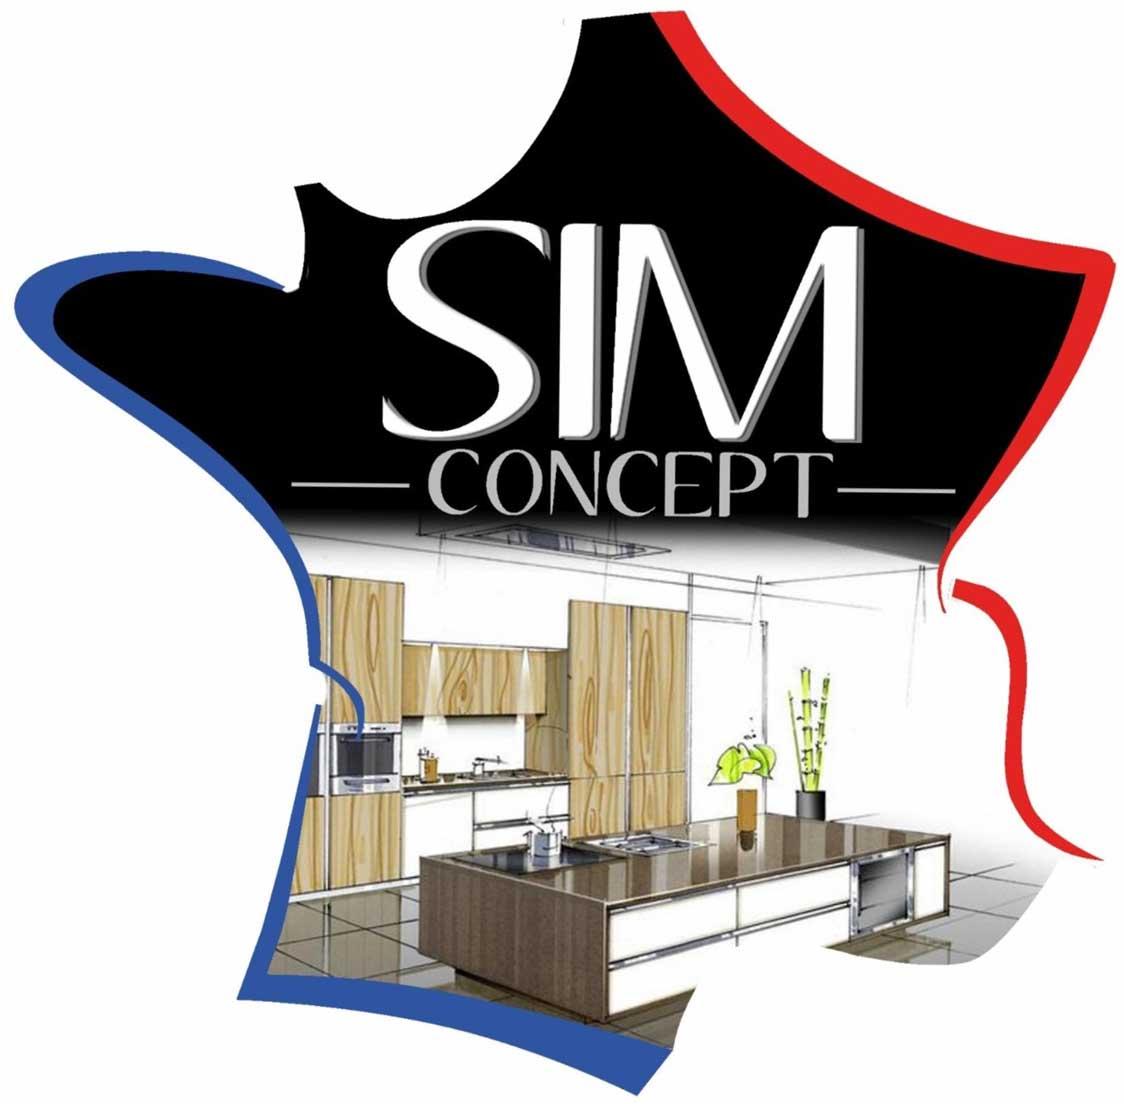 SIM CONCEPT